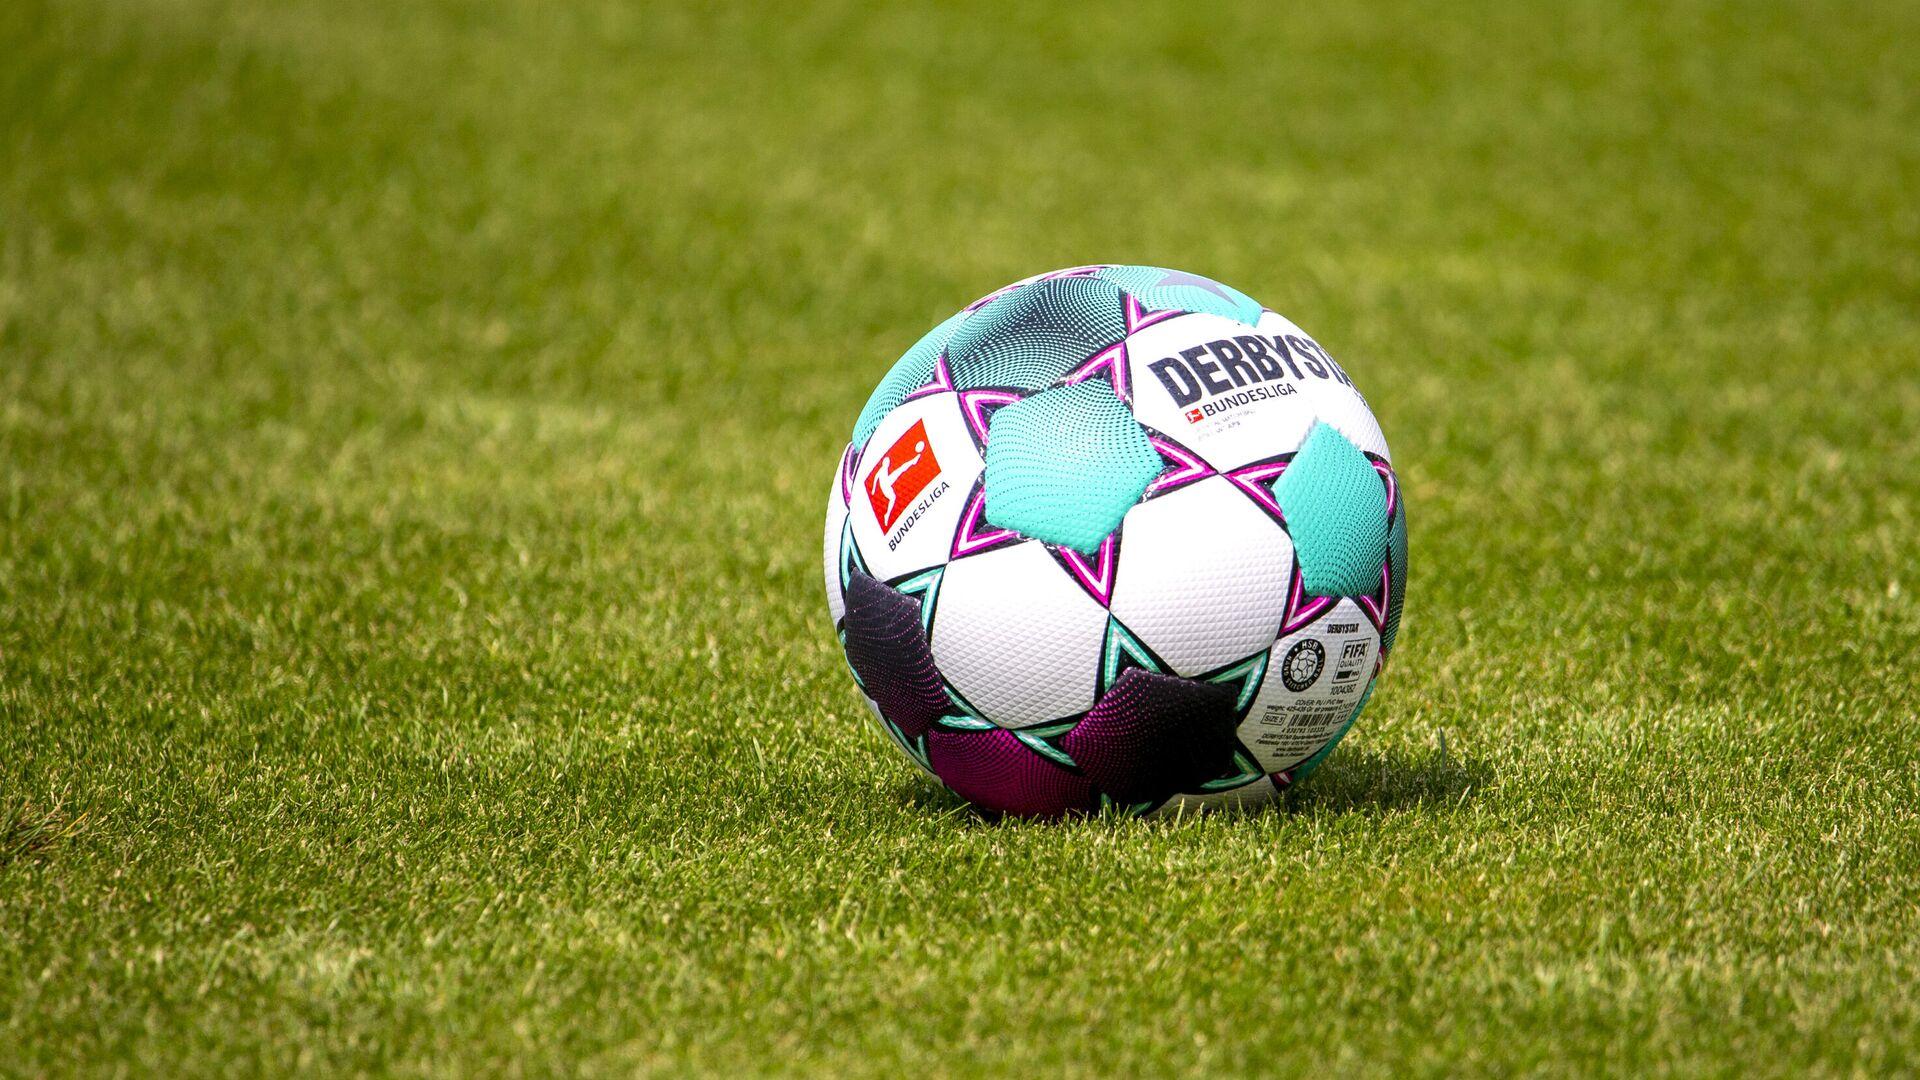 Мяч чемпионата Германии по футболу - РИА Новости, 1920, 28.02.2021